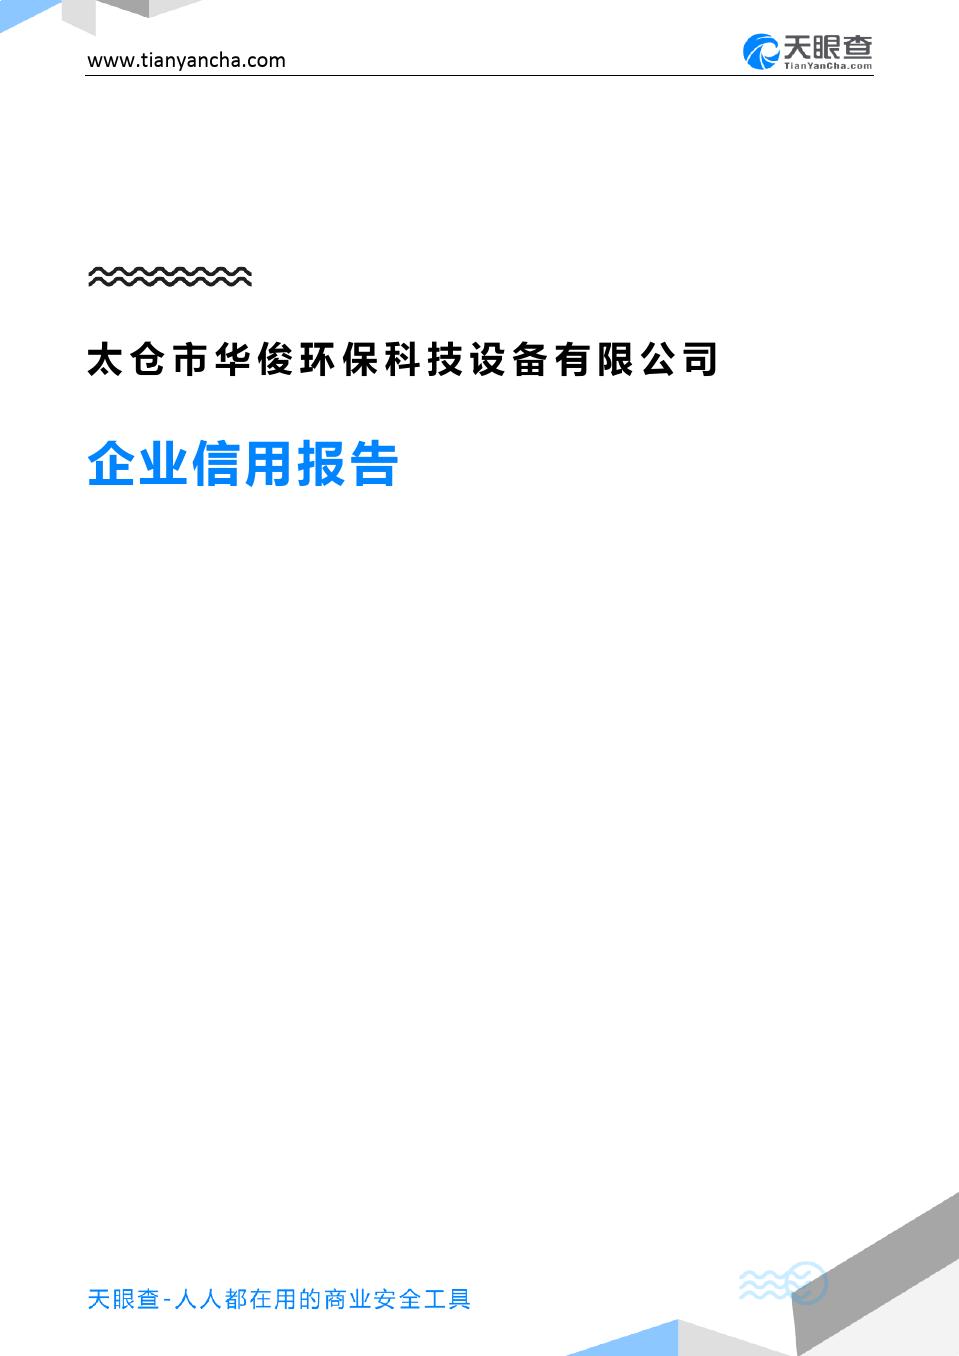 太仓市华俊环保科技设备有限公司(企业信用报告)- 天眼查